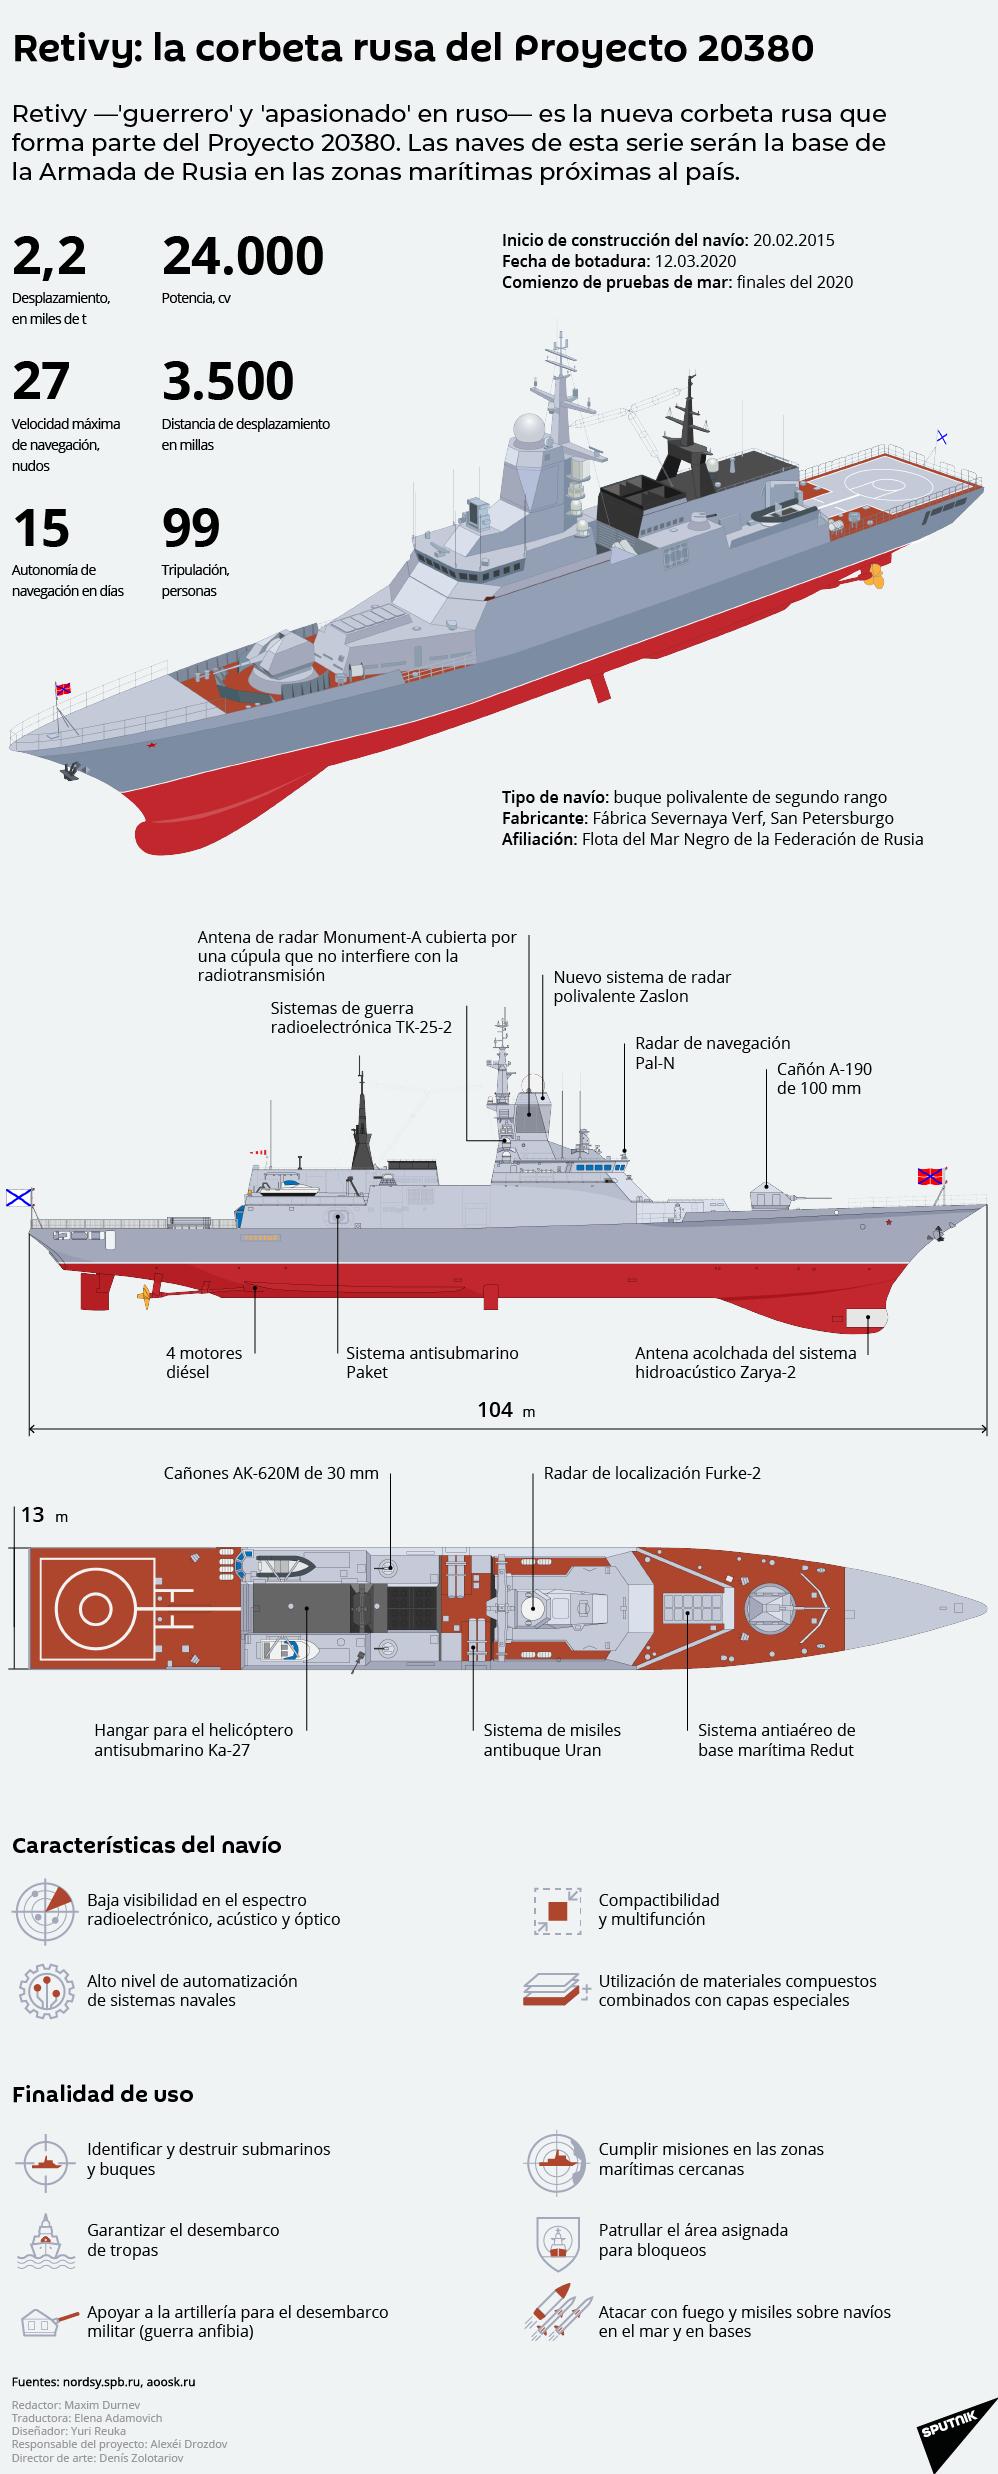 Retivy, el 'guerrero' de la Armada de Rusia